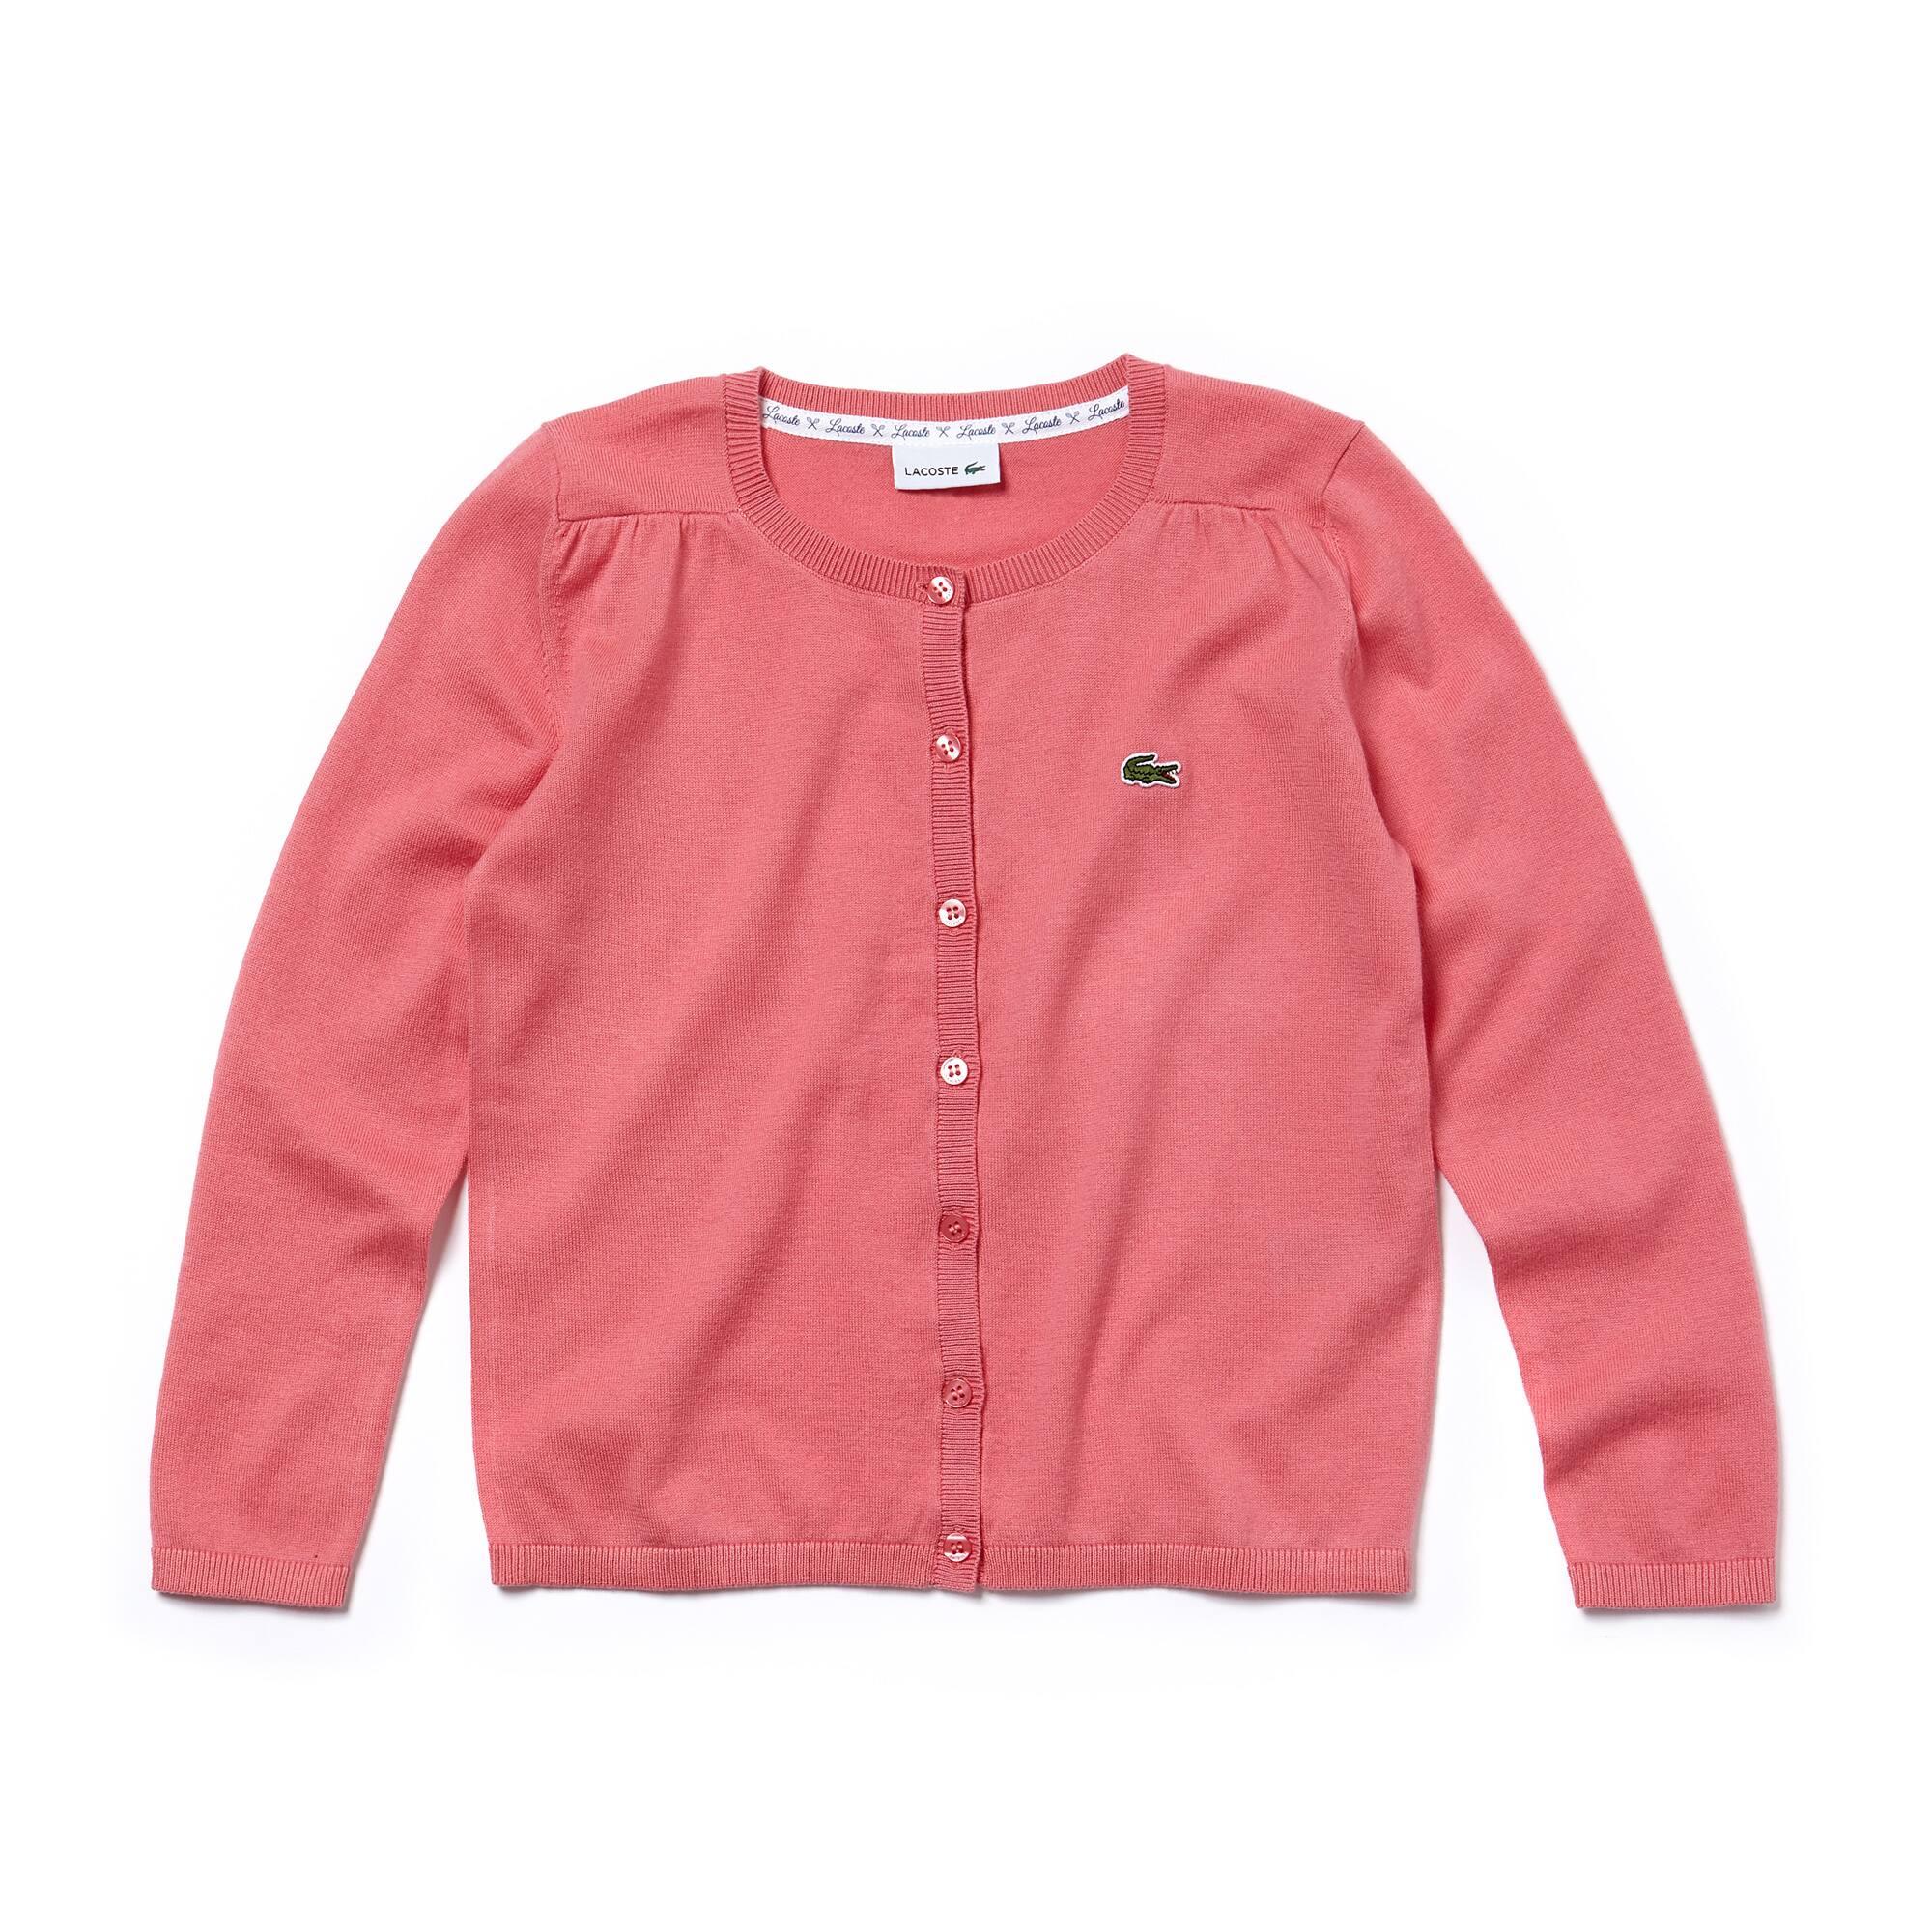 Casaco com botões Menina em jersey de algodão e lã unicolor